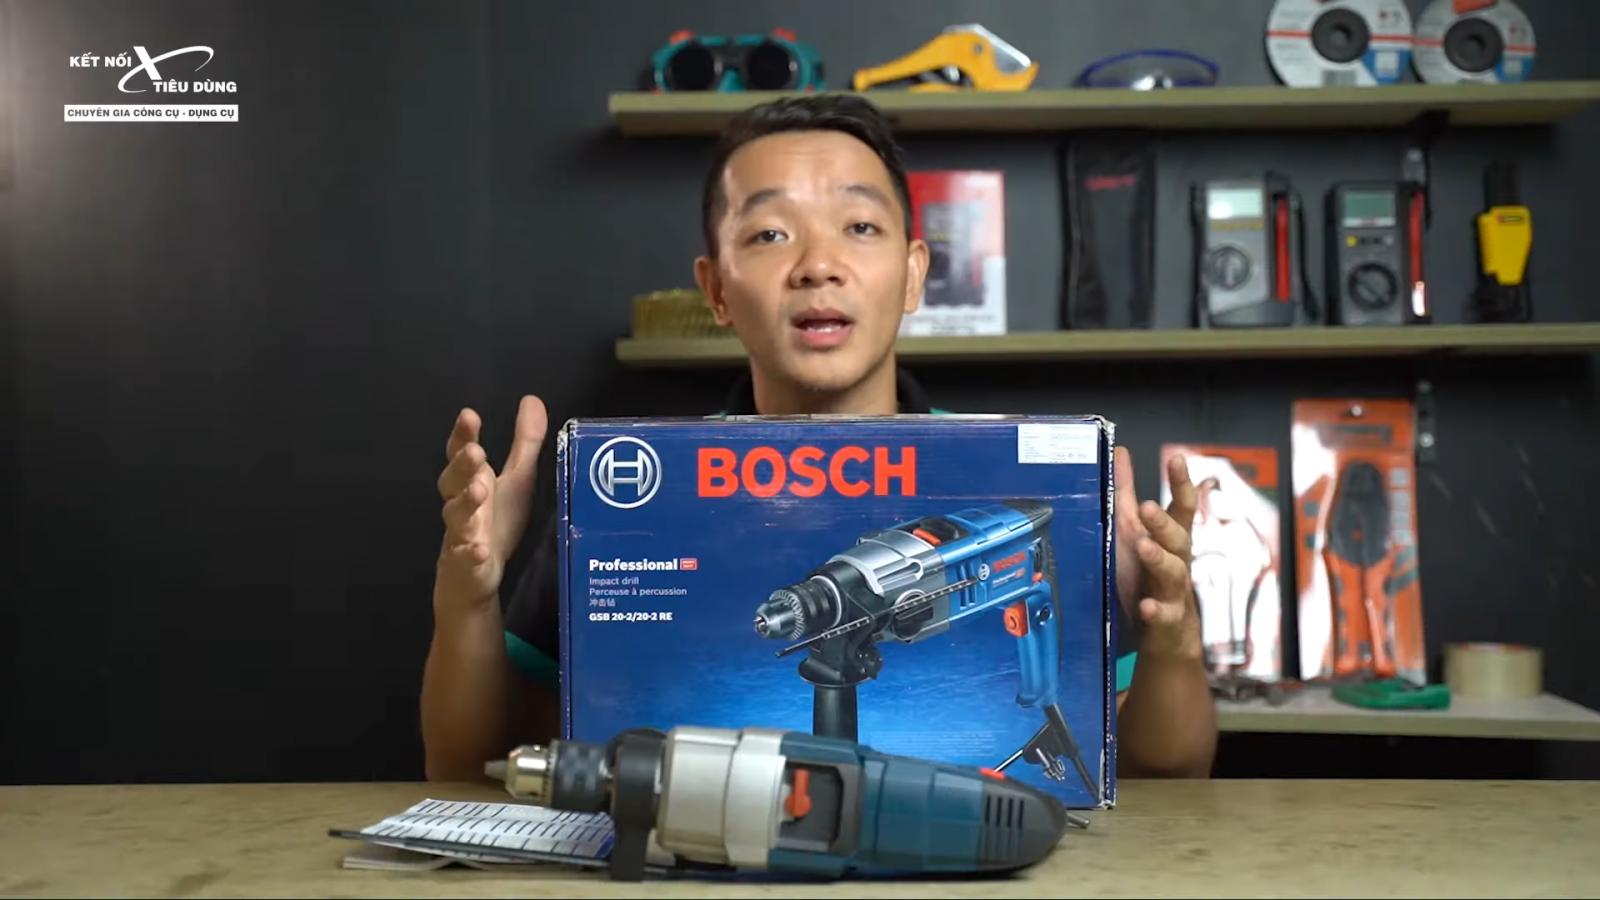 Review máy khoan động lực Bosch GSB 20-2RE: 800W, có búa, hộp số 2 cấp, đi công trinh ngon - địa chỉ mua máy khoan